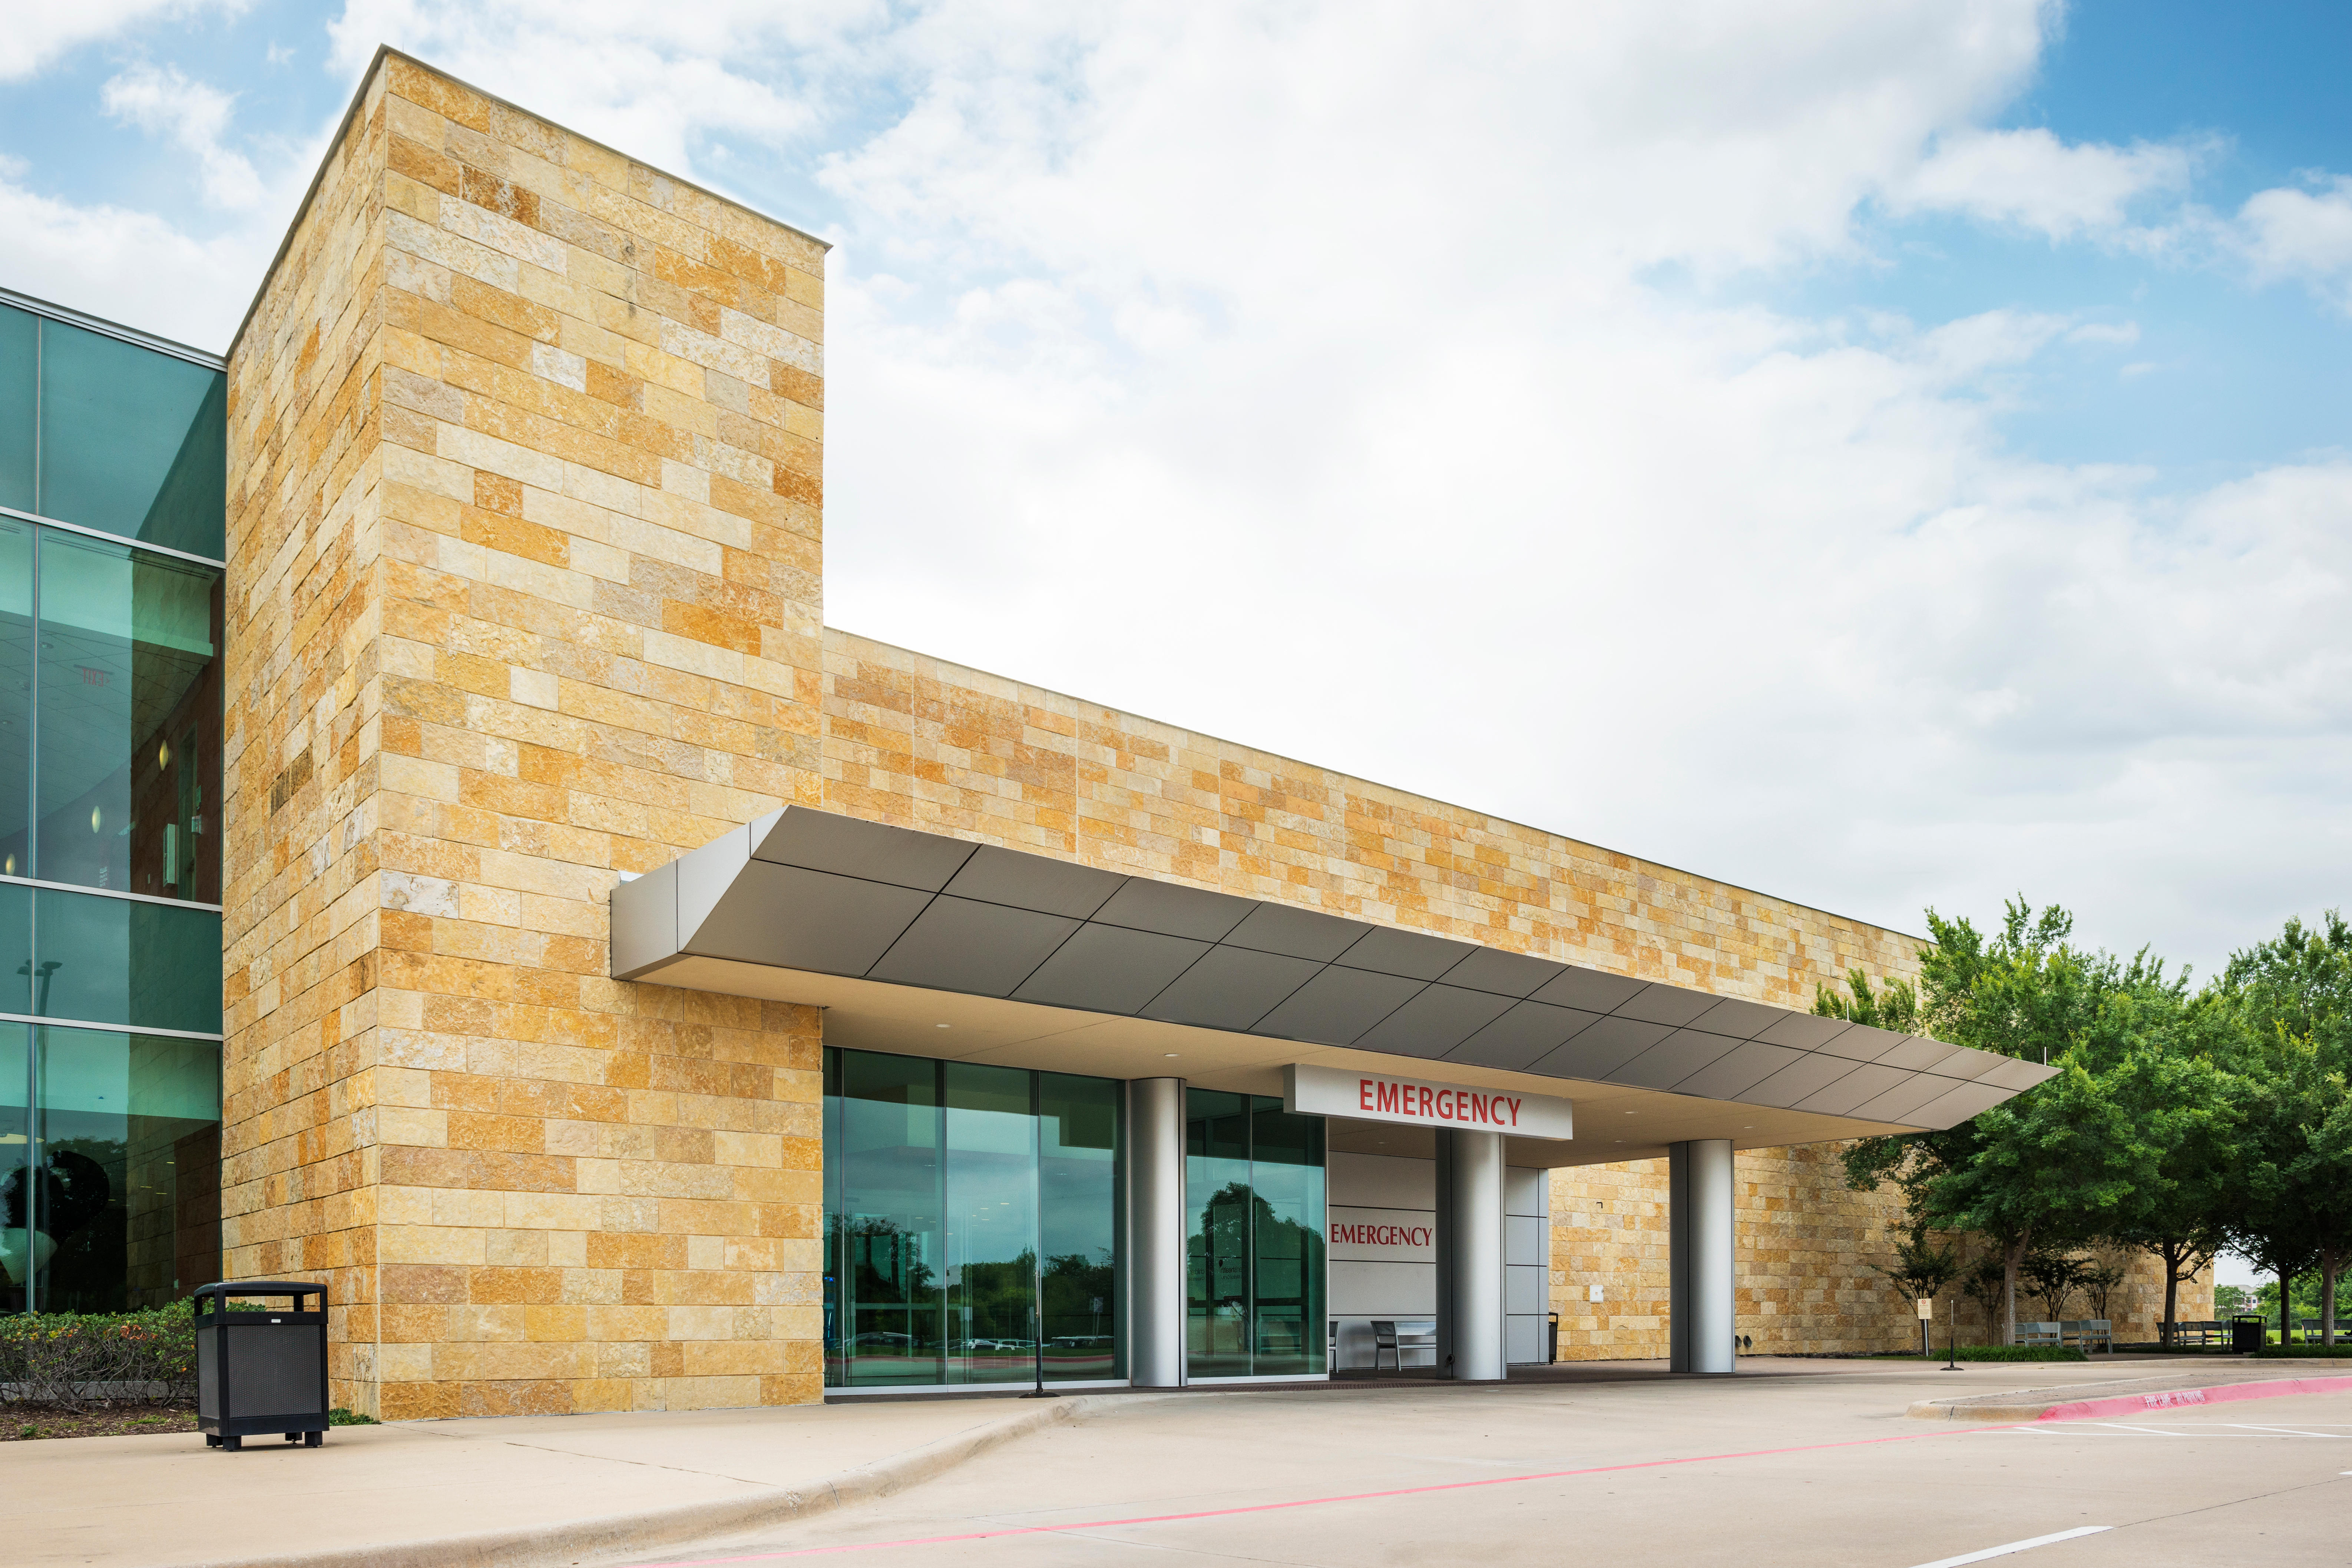 Children's Medical Center Plano image 3